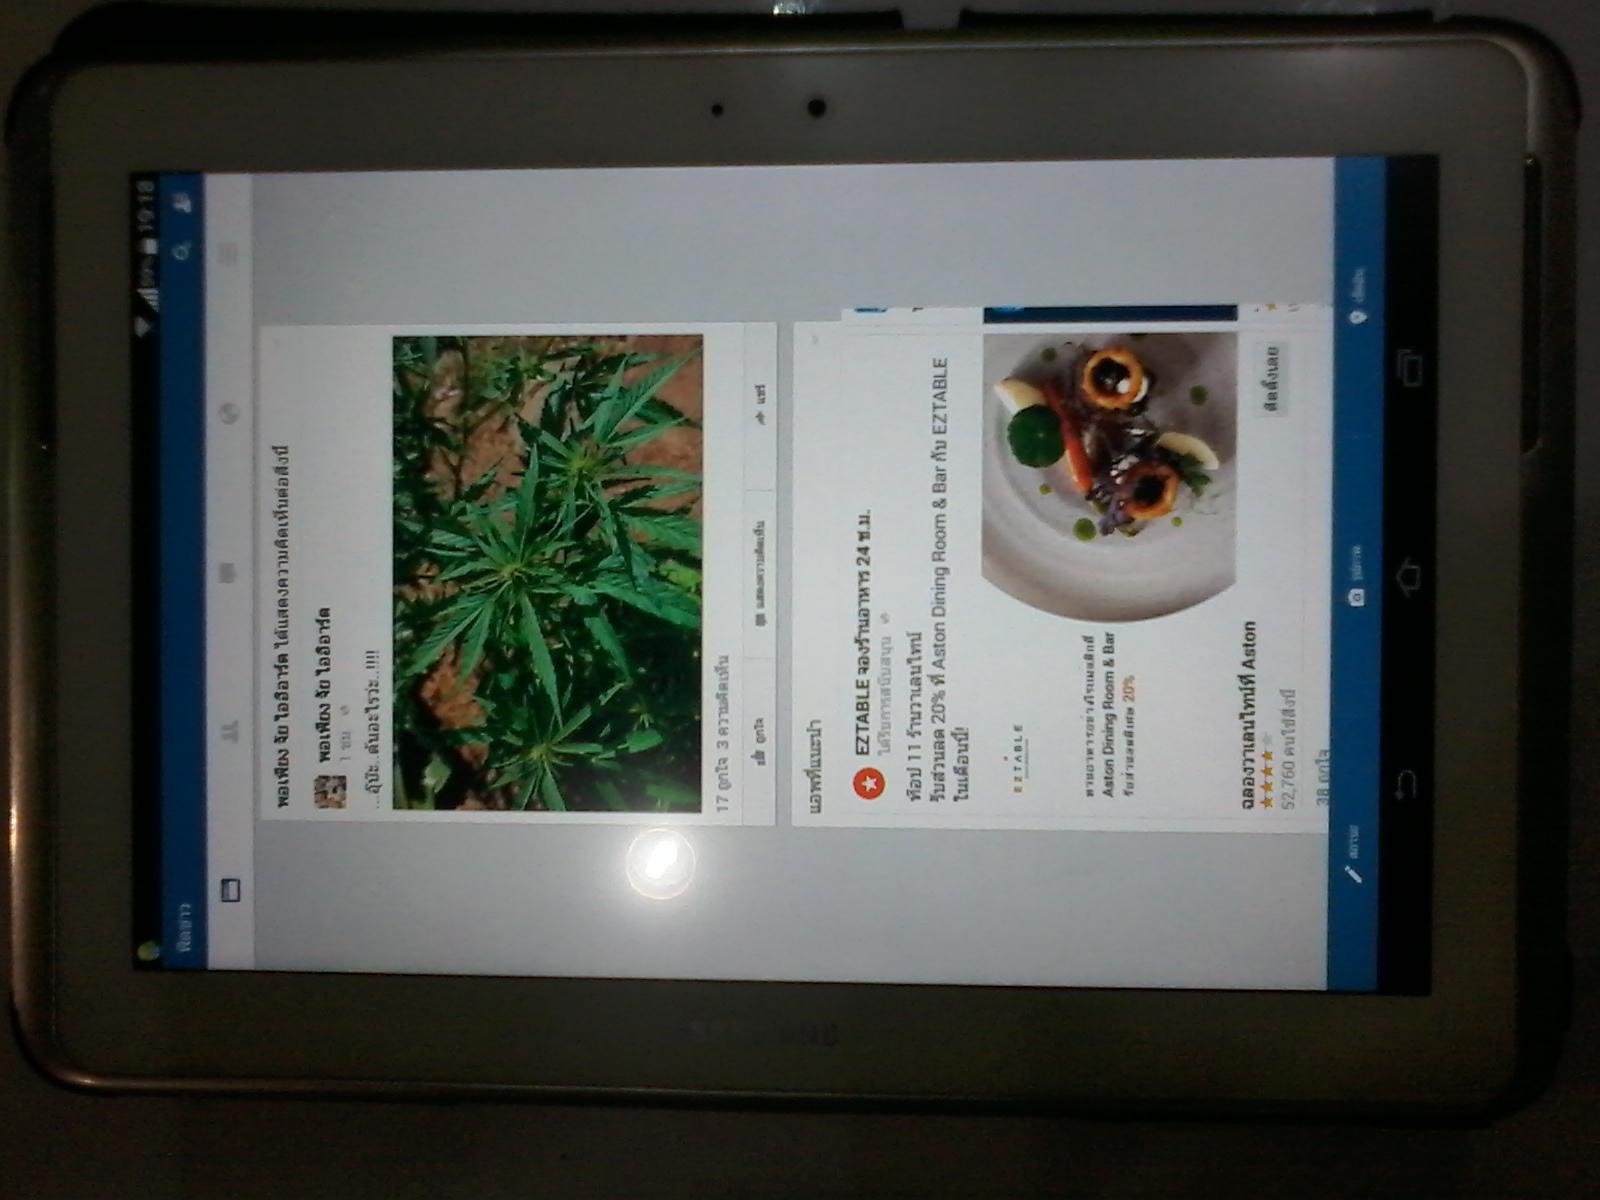 Samsung 101 Facebook